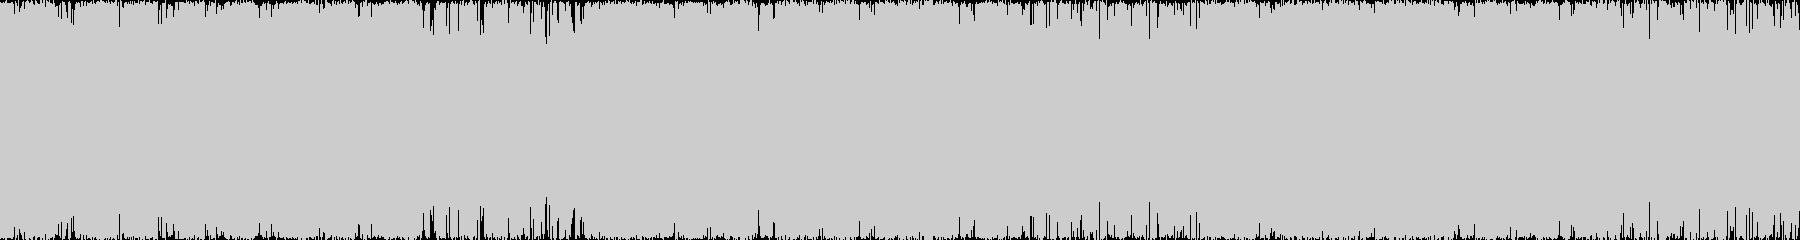 ベースを全面に押し出したドラムンベース…の未再生の波形